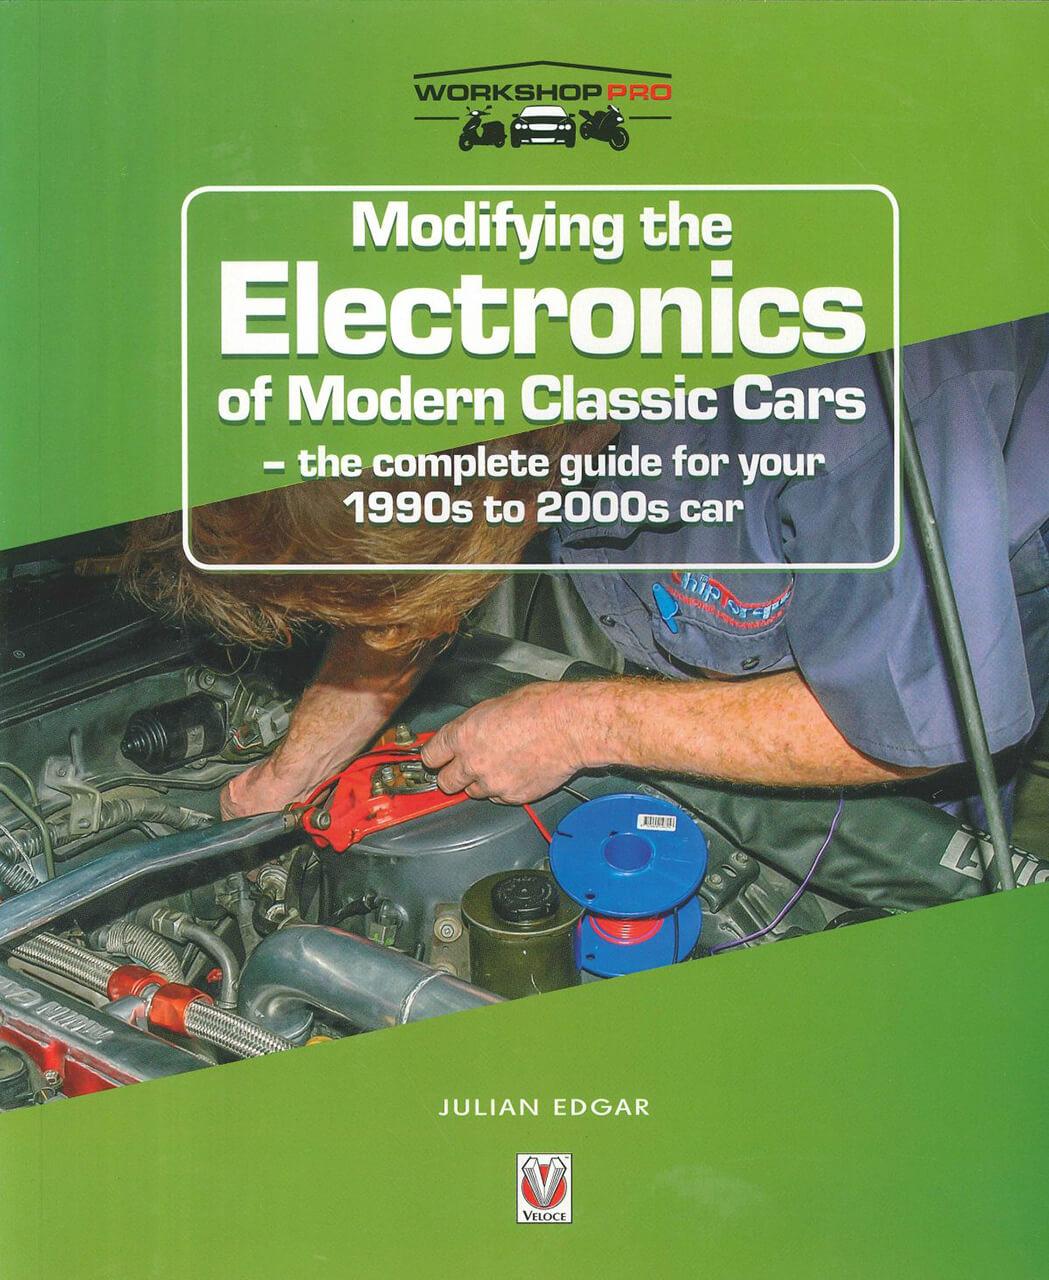 この一冊で電気に弱いあなたもチューニングが可能に!?【新書紹介】